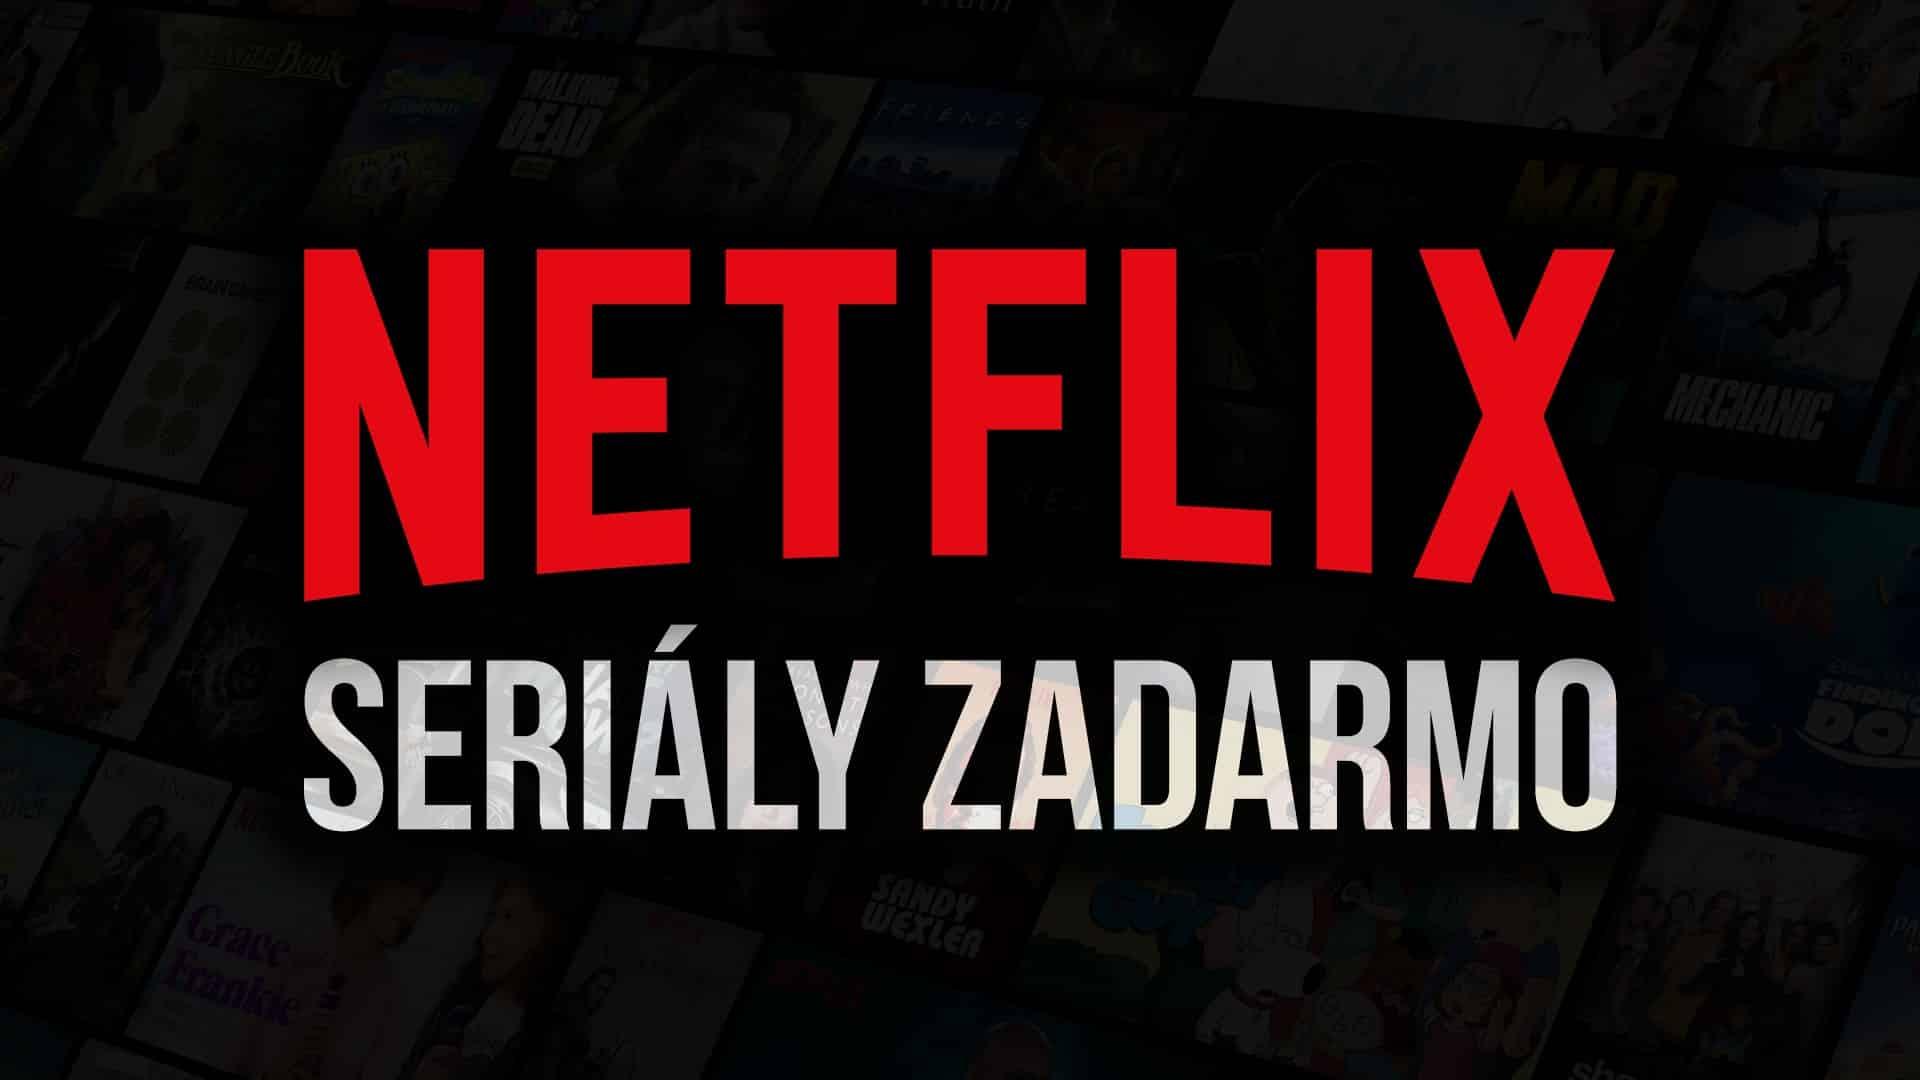 Netflix seriály zadarmo